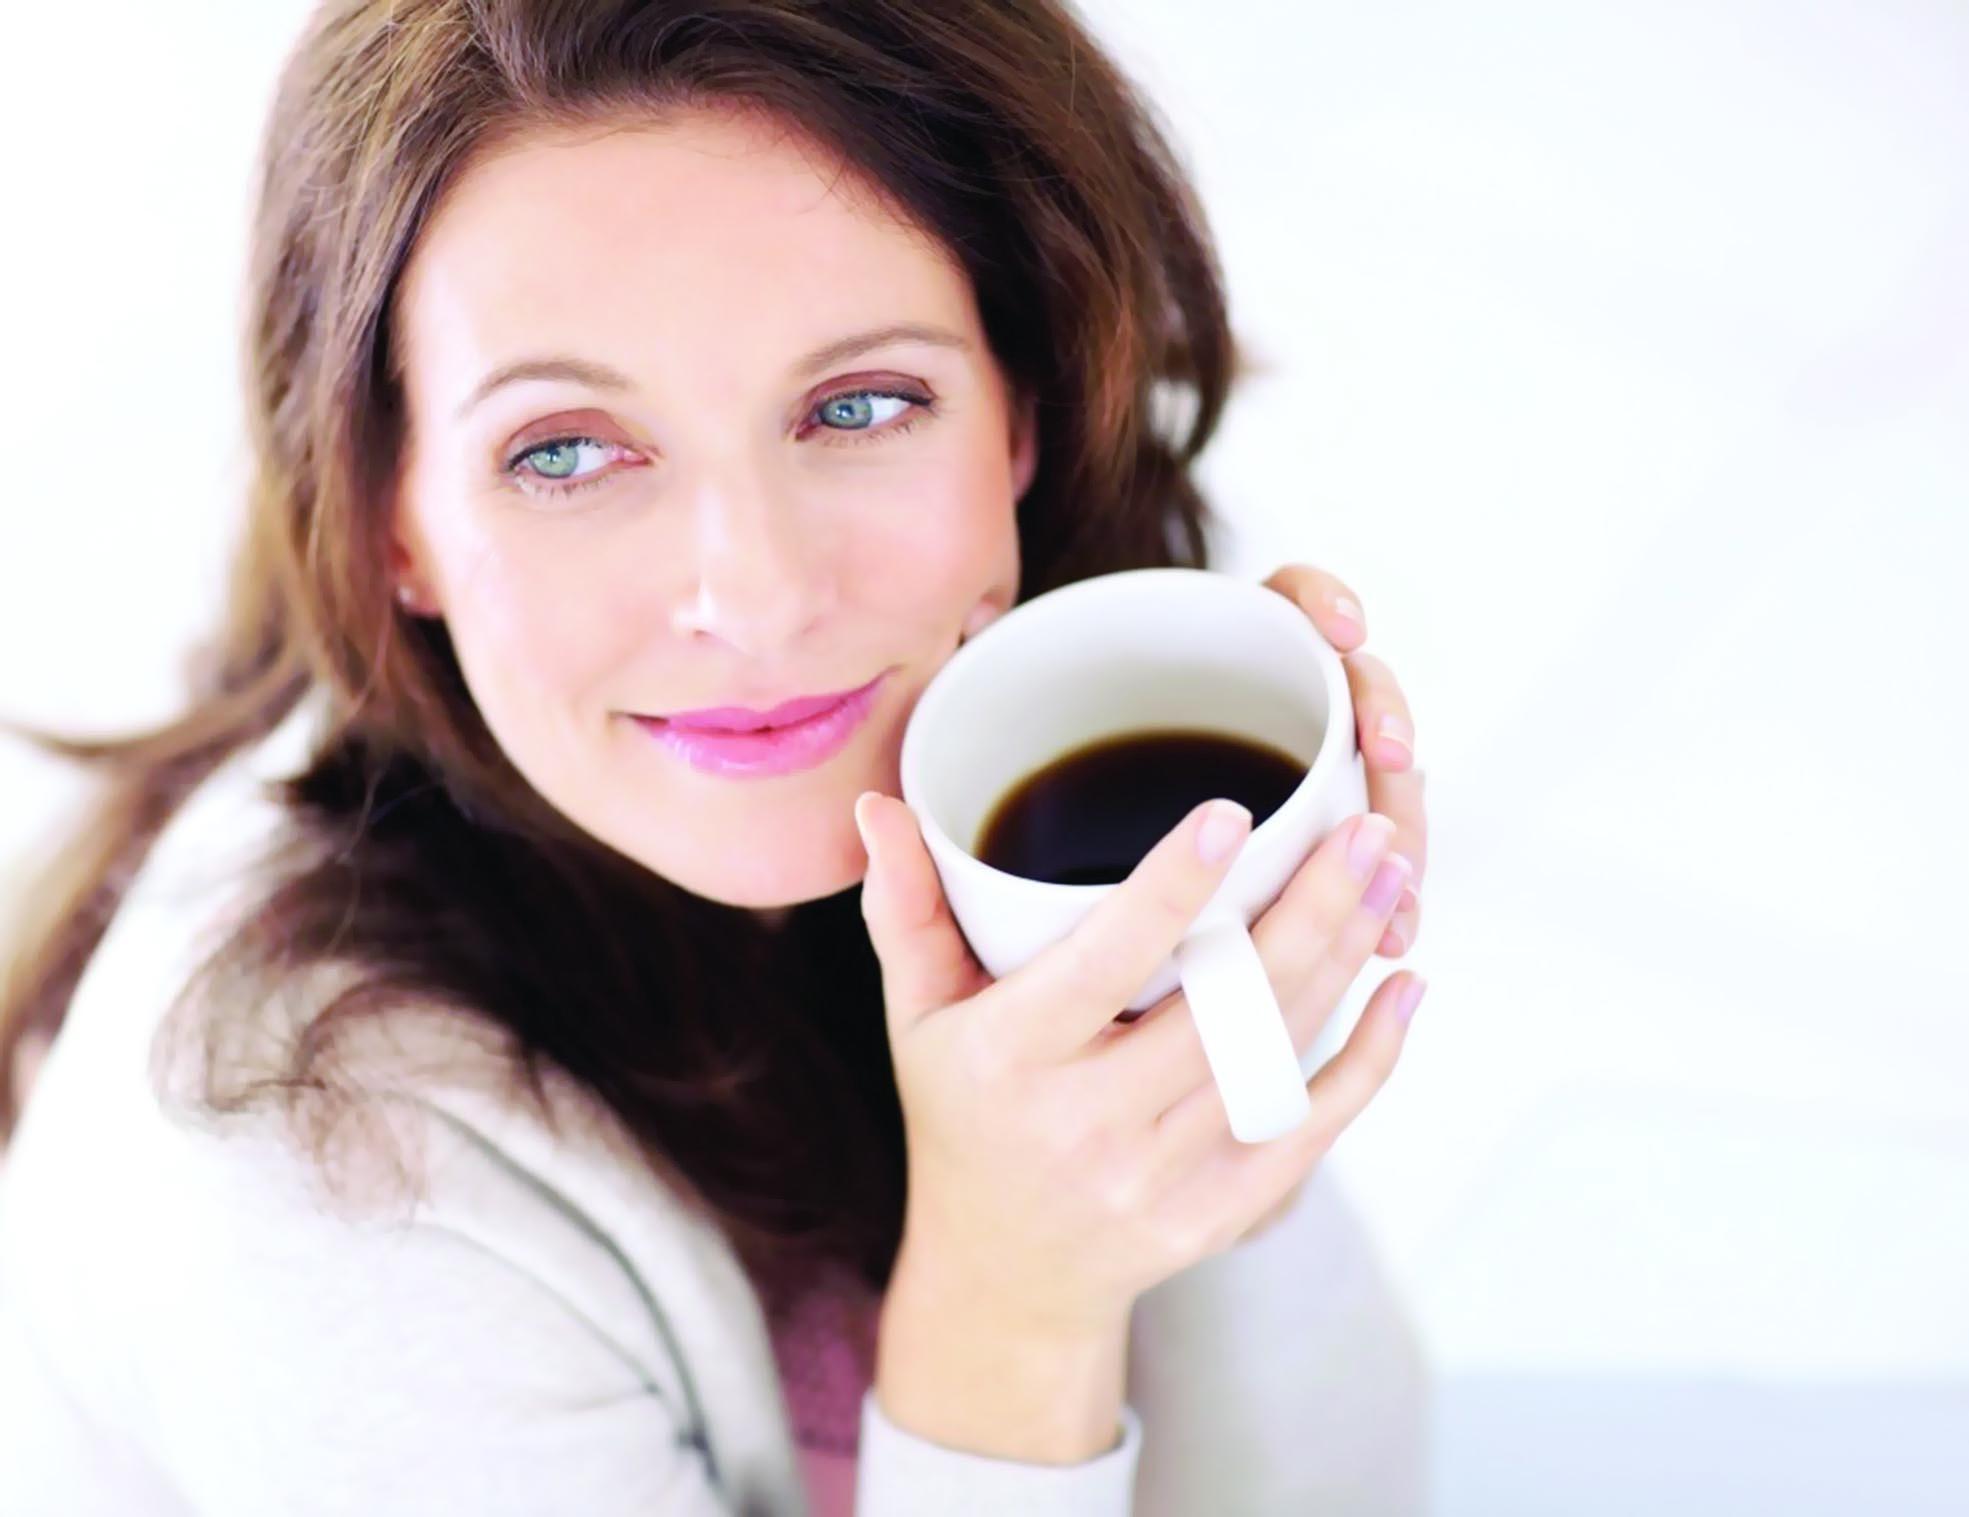 تناول القهوة بانتظام قد يلحق ضرراً بالسمع